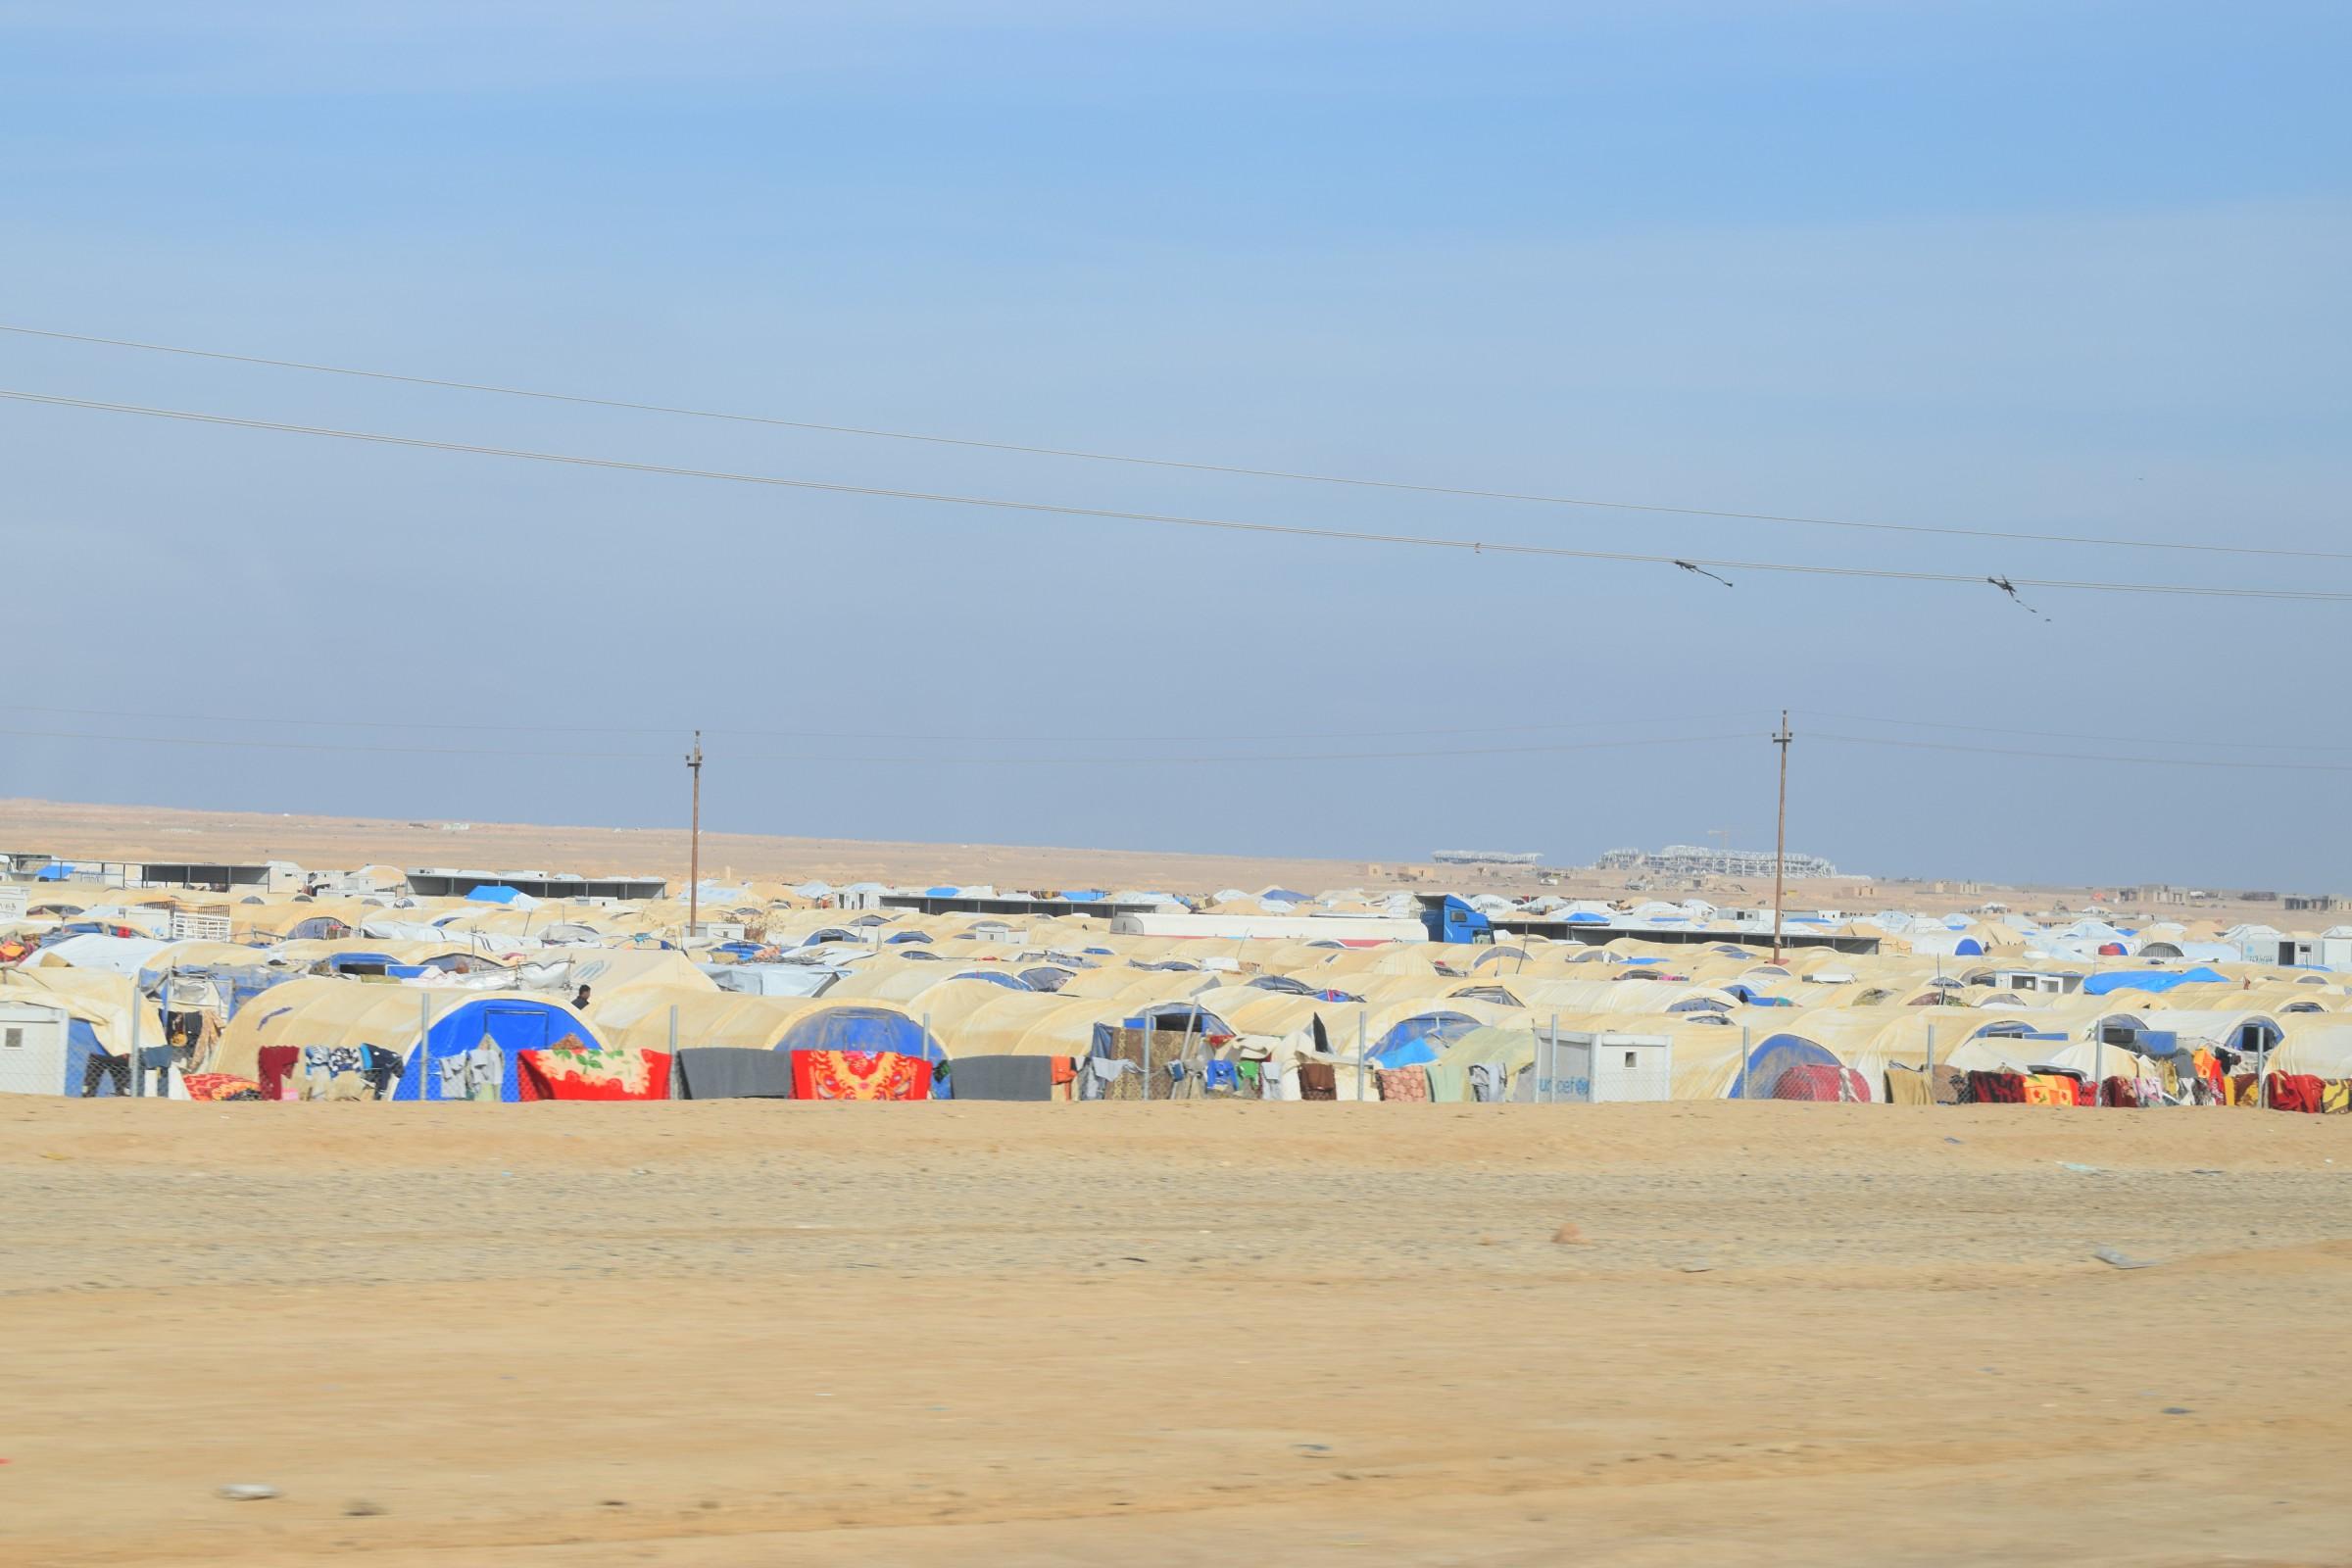 وصول عشرات الاسر النازحة من الموصل إلى الأنبار